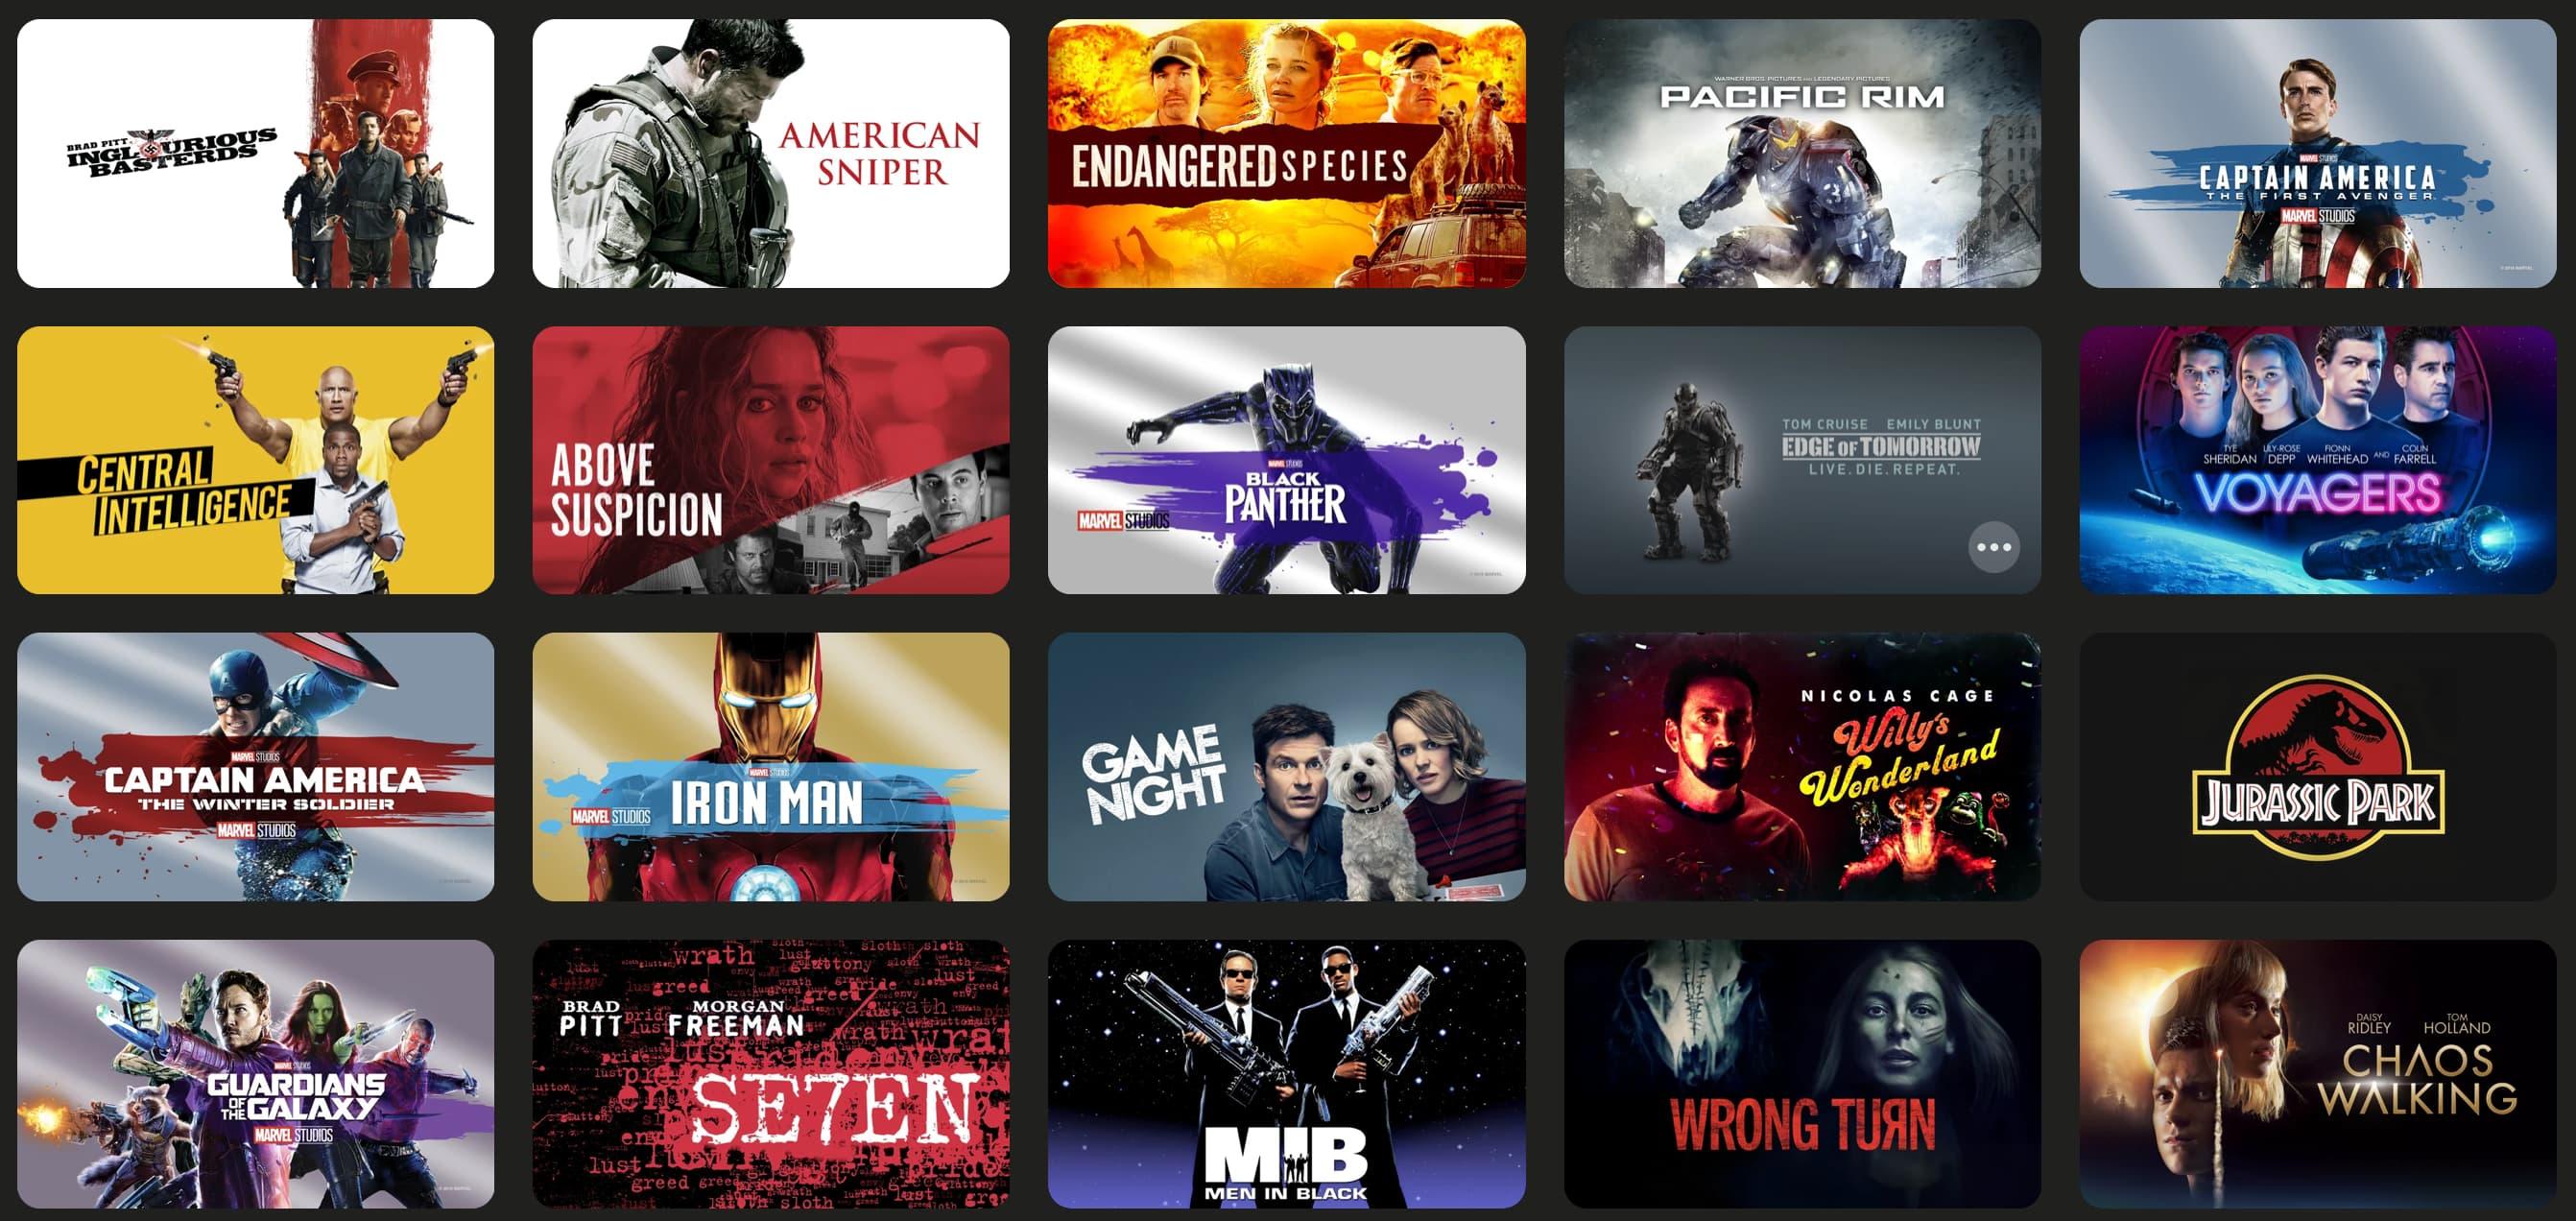 iTunes hosting massive Summer Movie Extravaganza sale